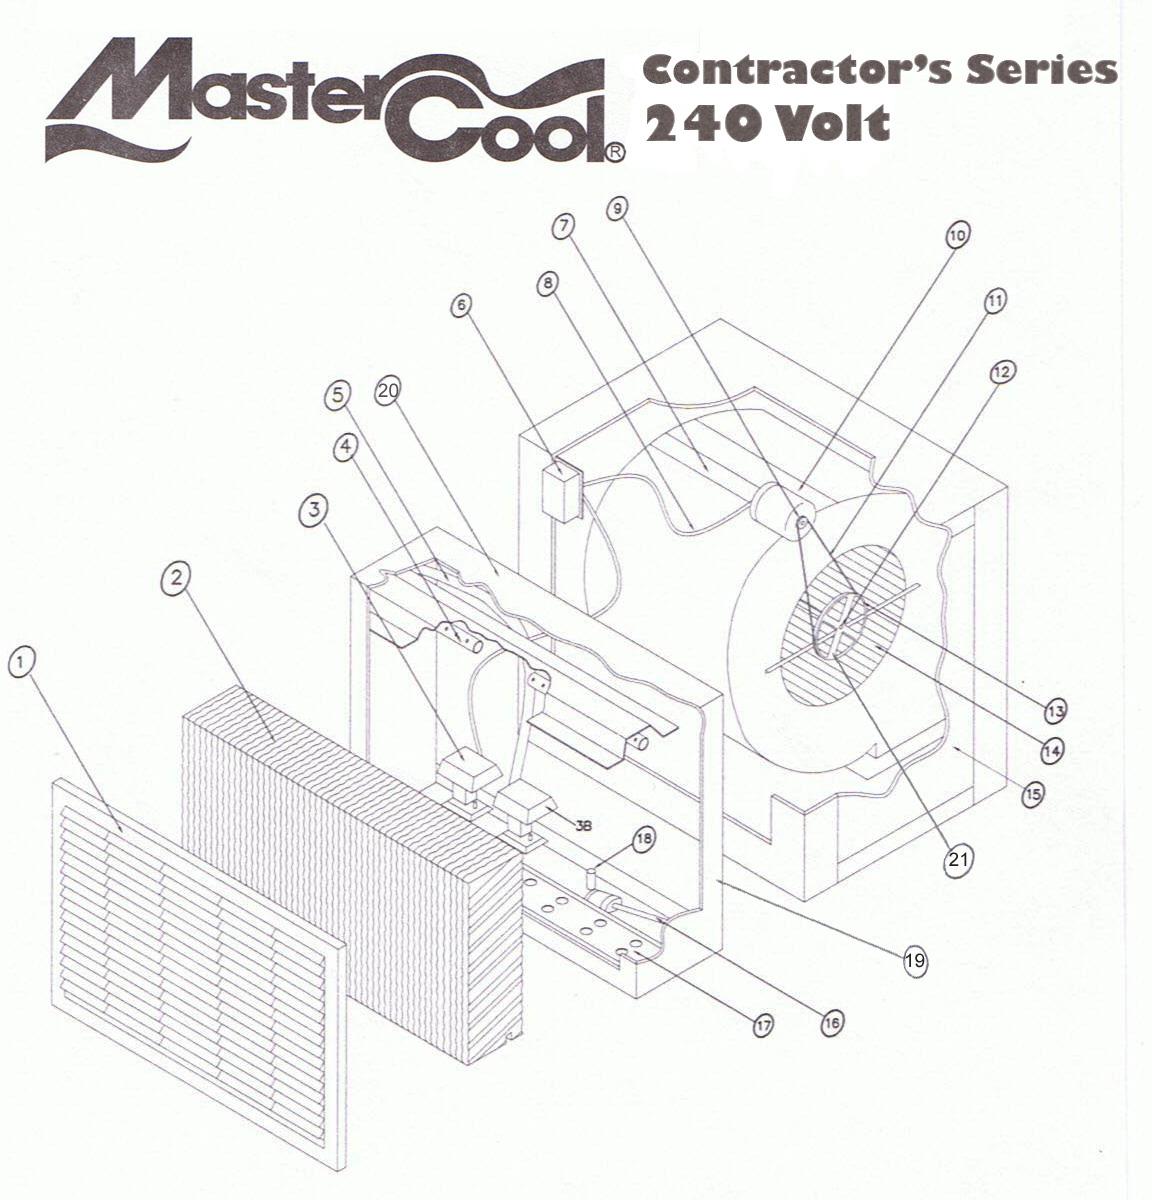 mastercool-contractors-240.jpg